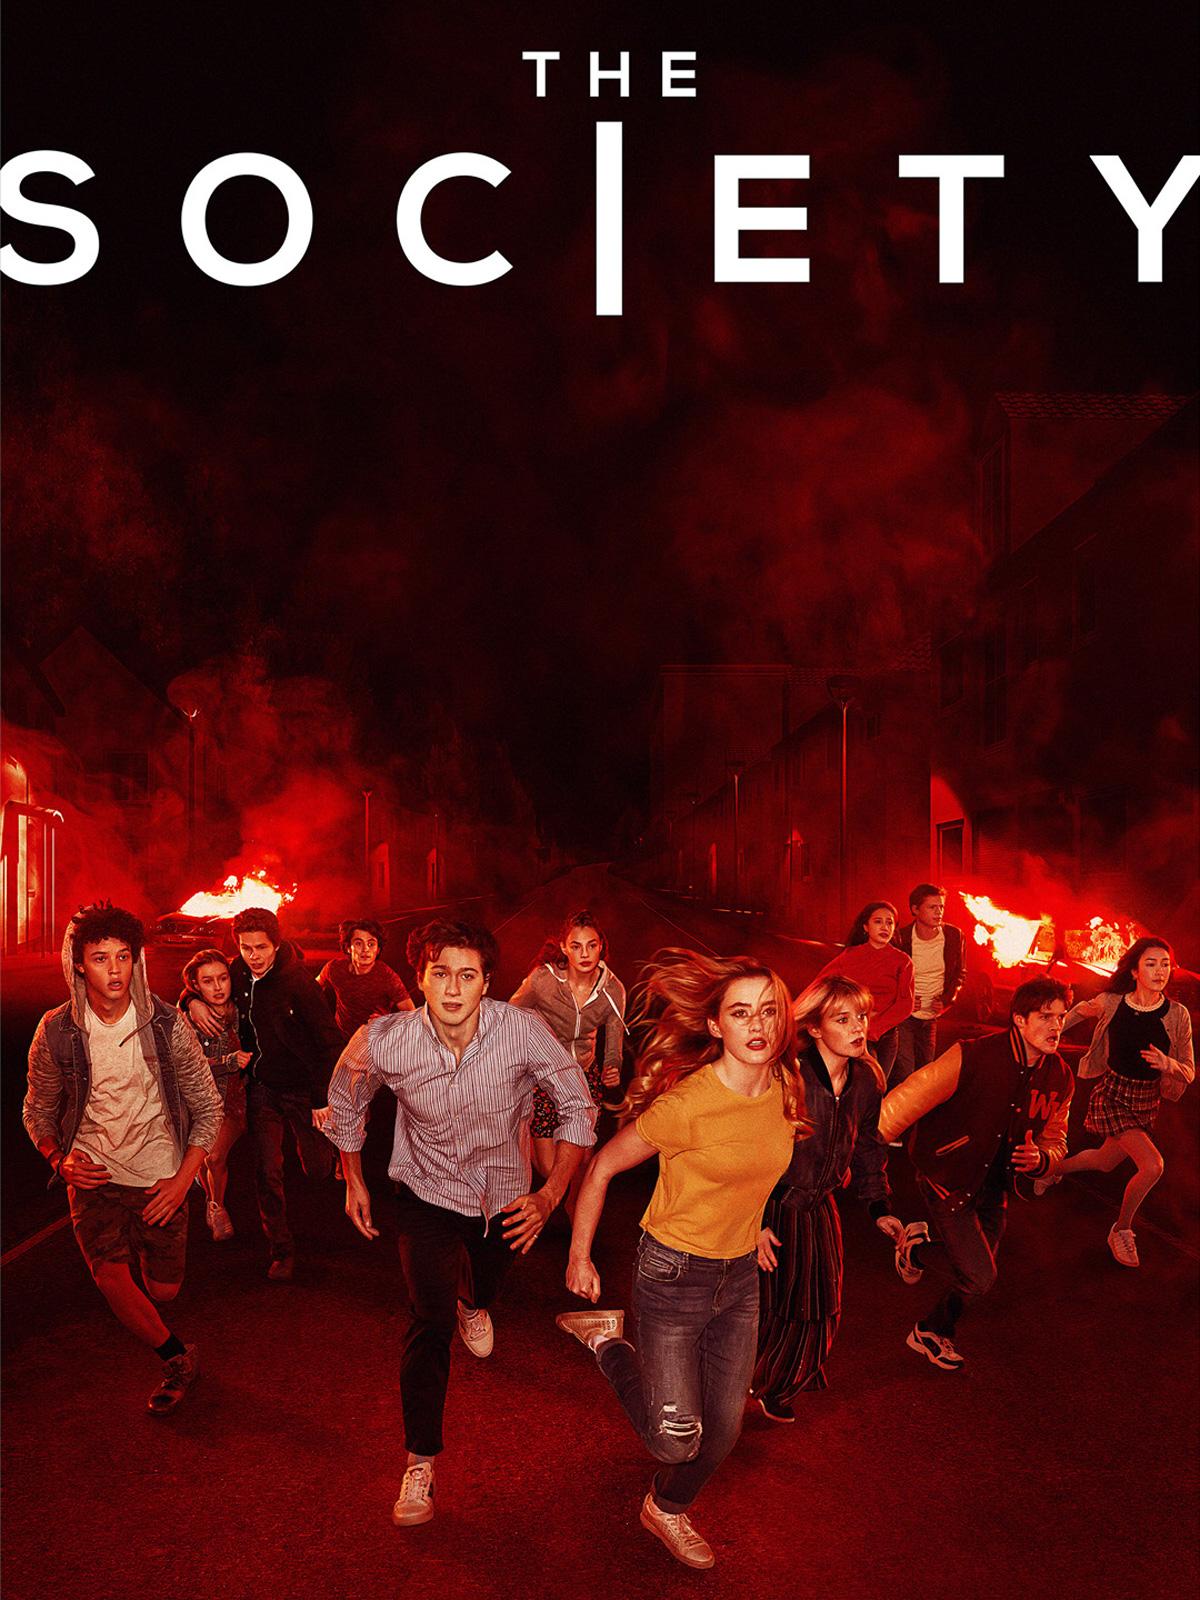 46 - The Society